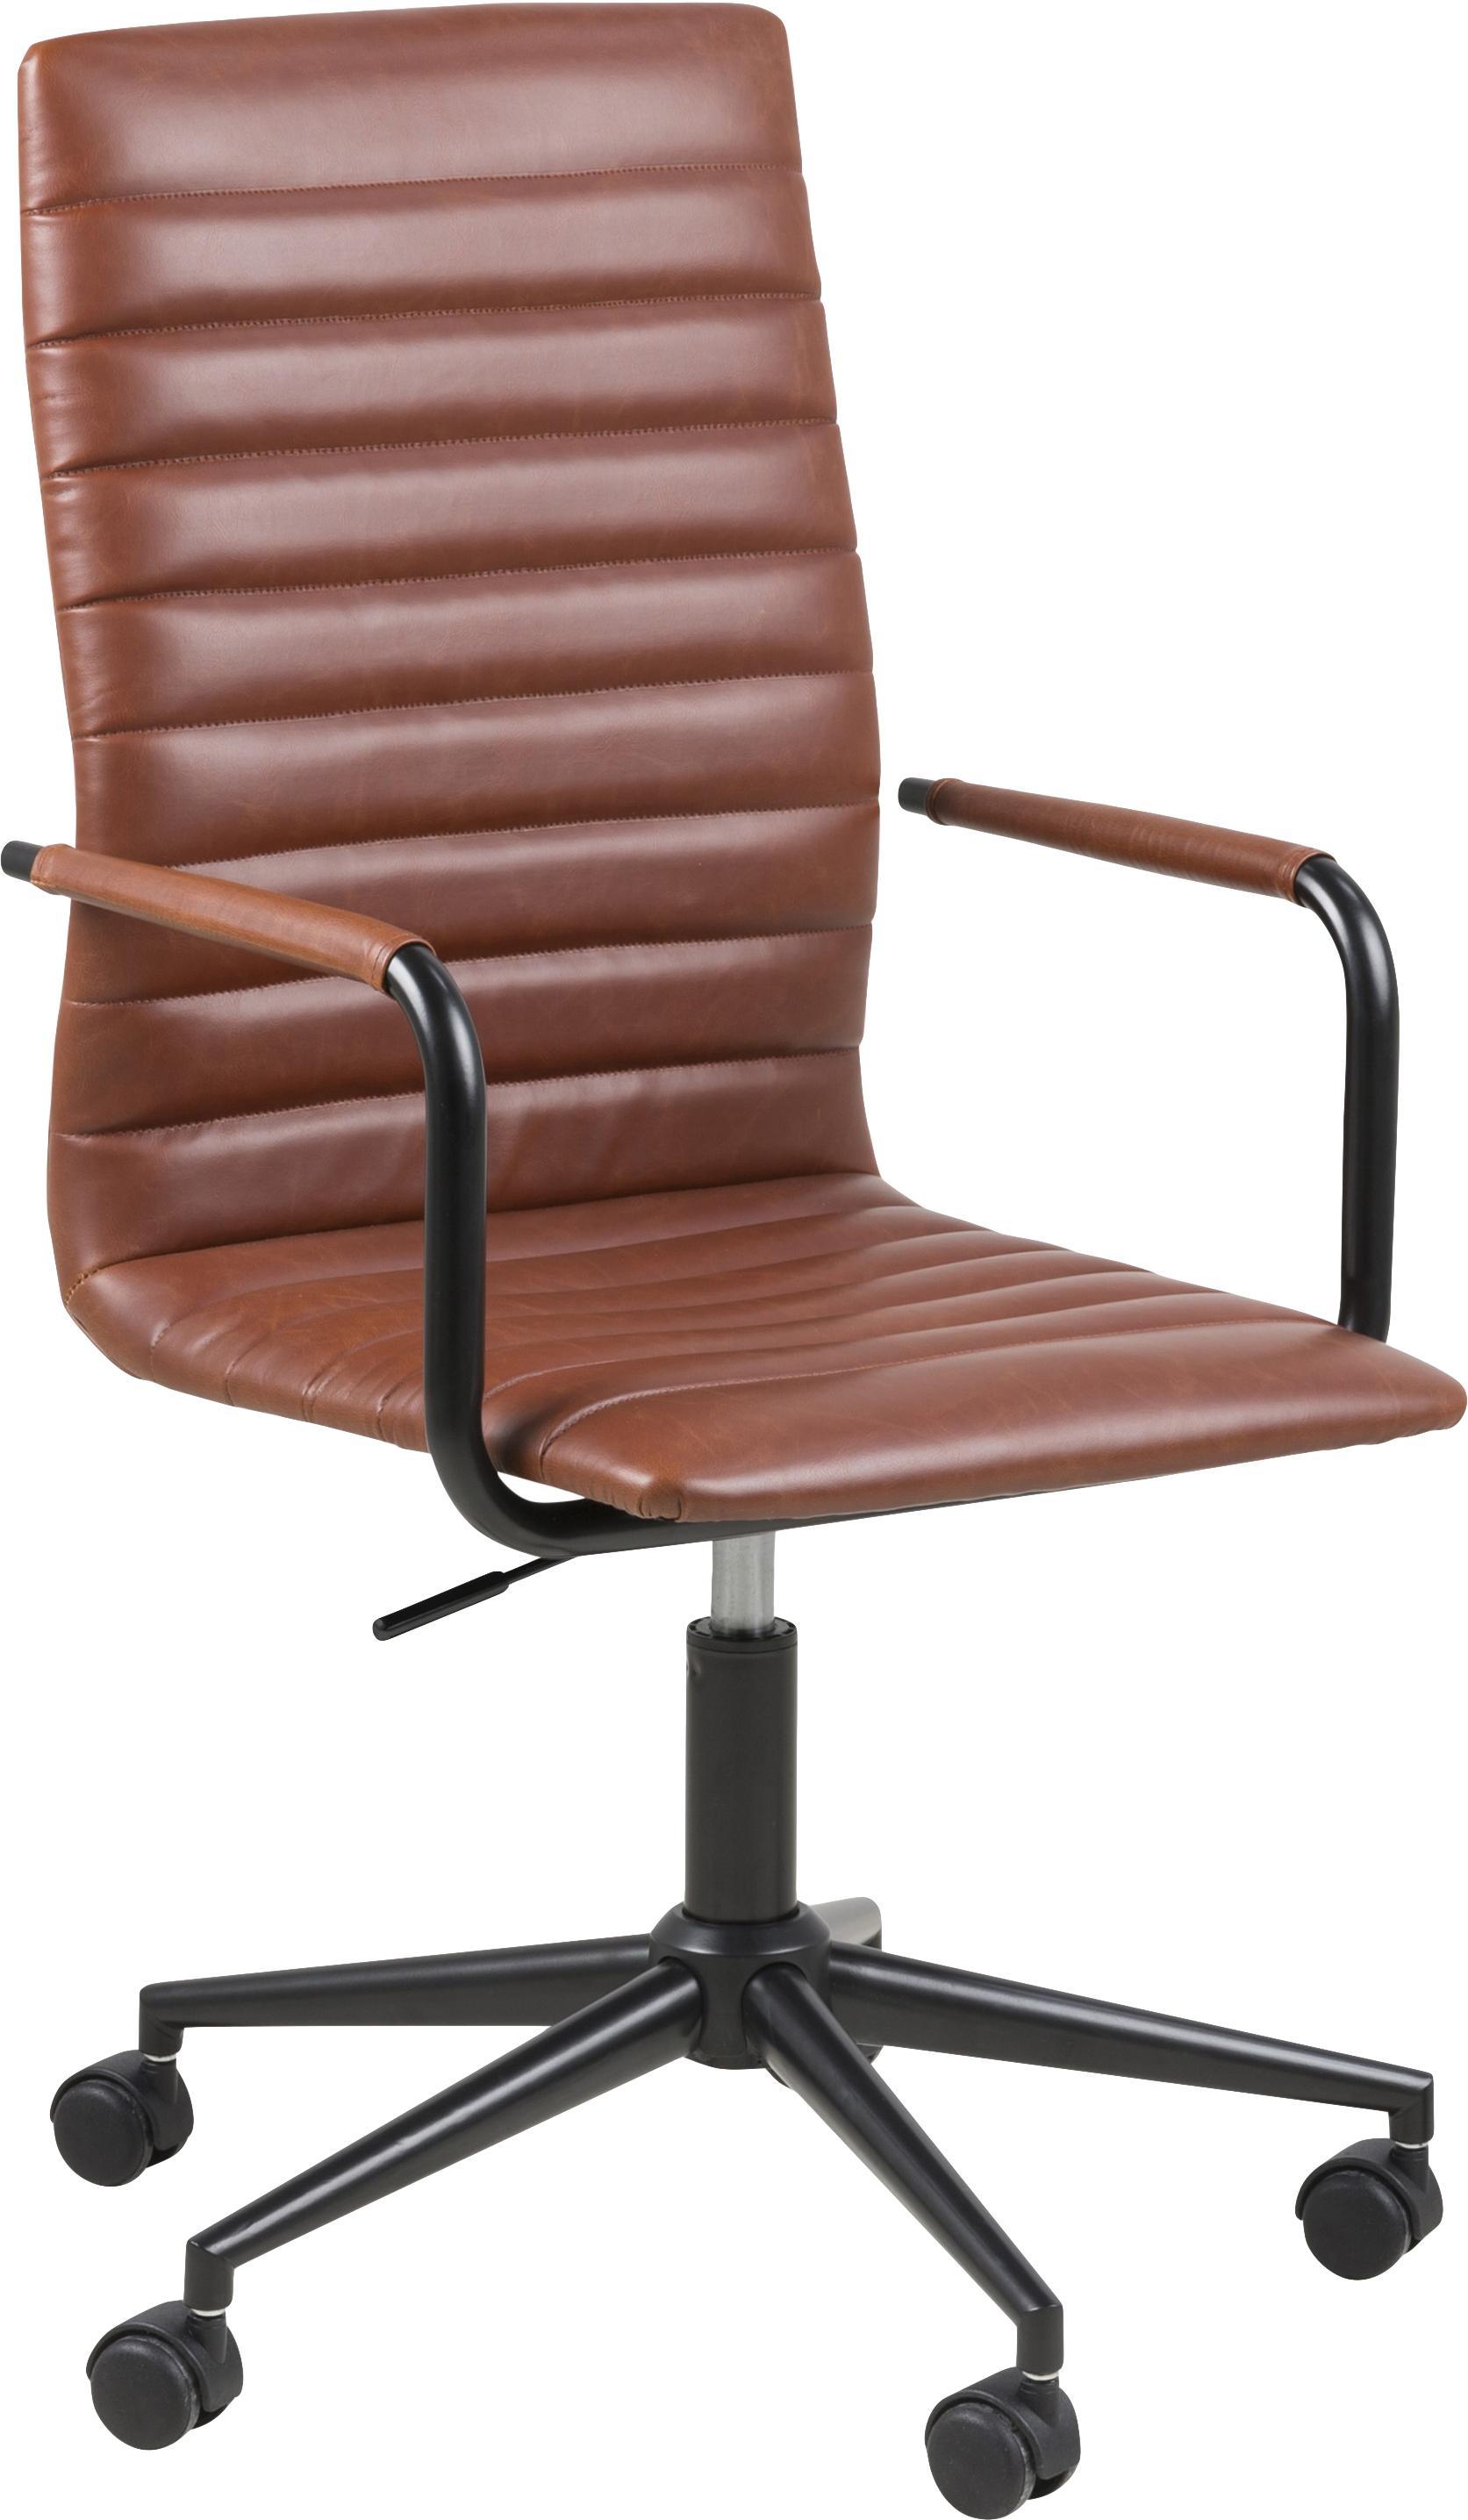 Kunstleren bureaustoel Winslow, in hoogte verstelbaar, Bekleding: kunstleer (polyurethaan), Poten: gepoedercoat metaal, Wieltjes: kunststof, Cognackleurig, B 45 x D 58 cm